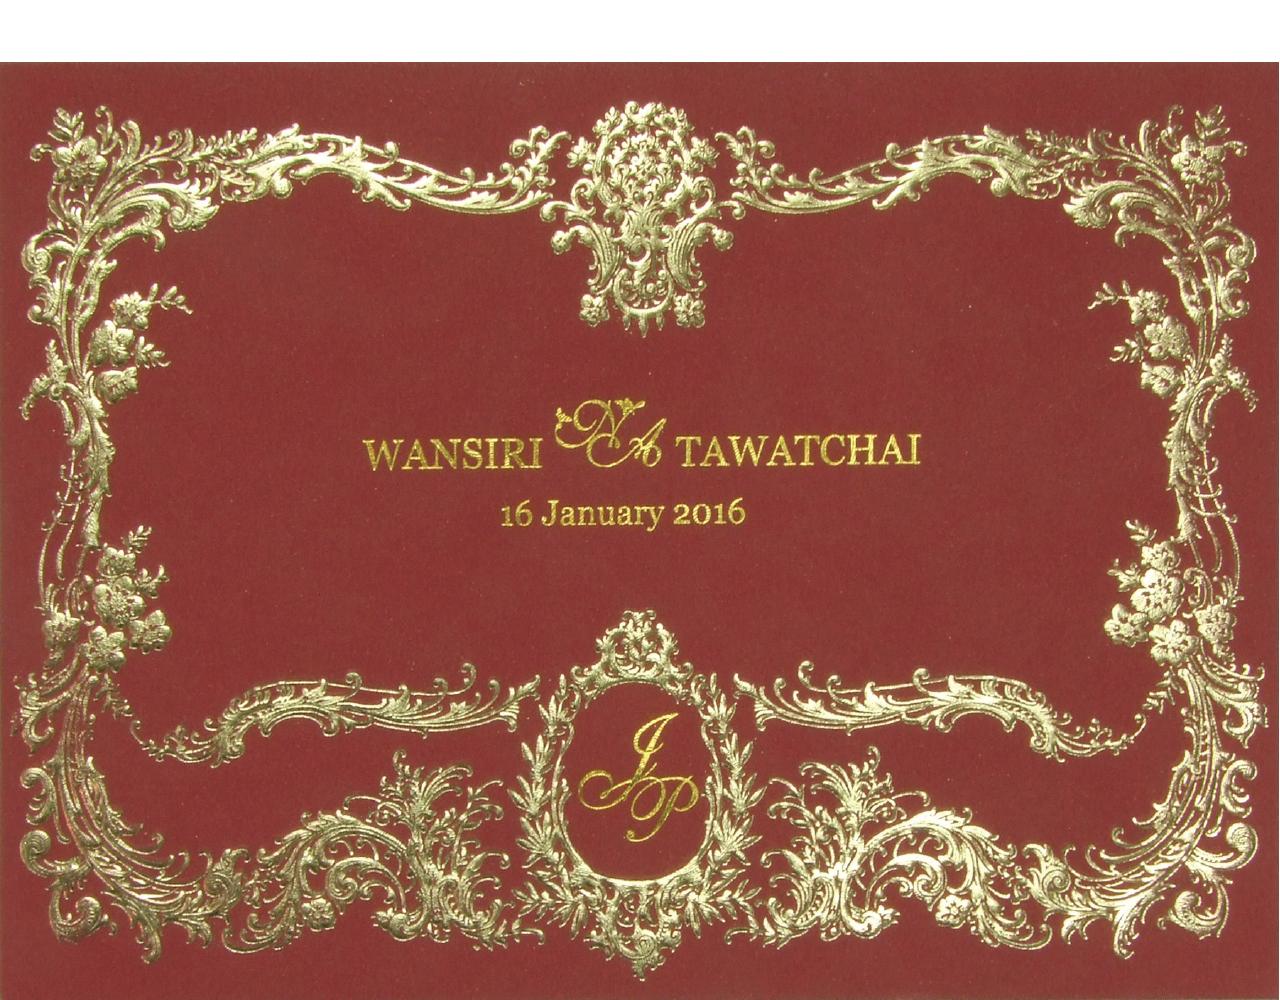 กา่ร์ดแต่งงาน การ์ดเชิญงานแต่ง สีแดงขนาดใหญ่ แบบหรูๆ ปั๊มนูน พิมพ์ทองเค Wedding 15.3 x 21.3 cm SP 1605 Red